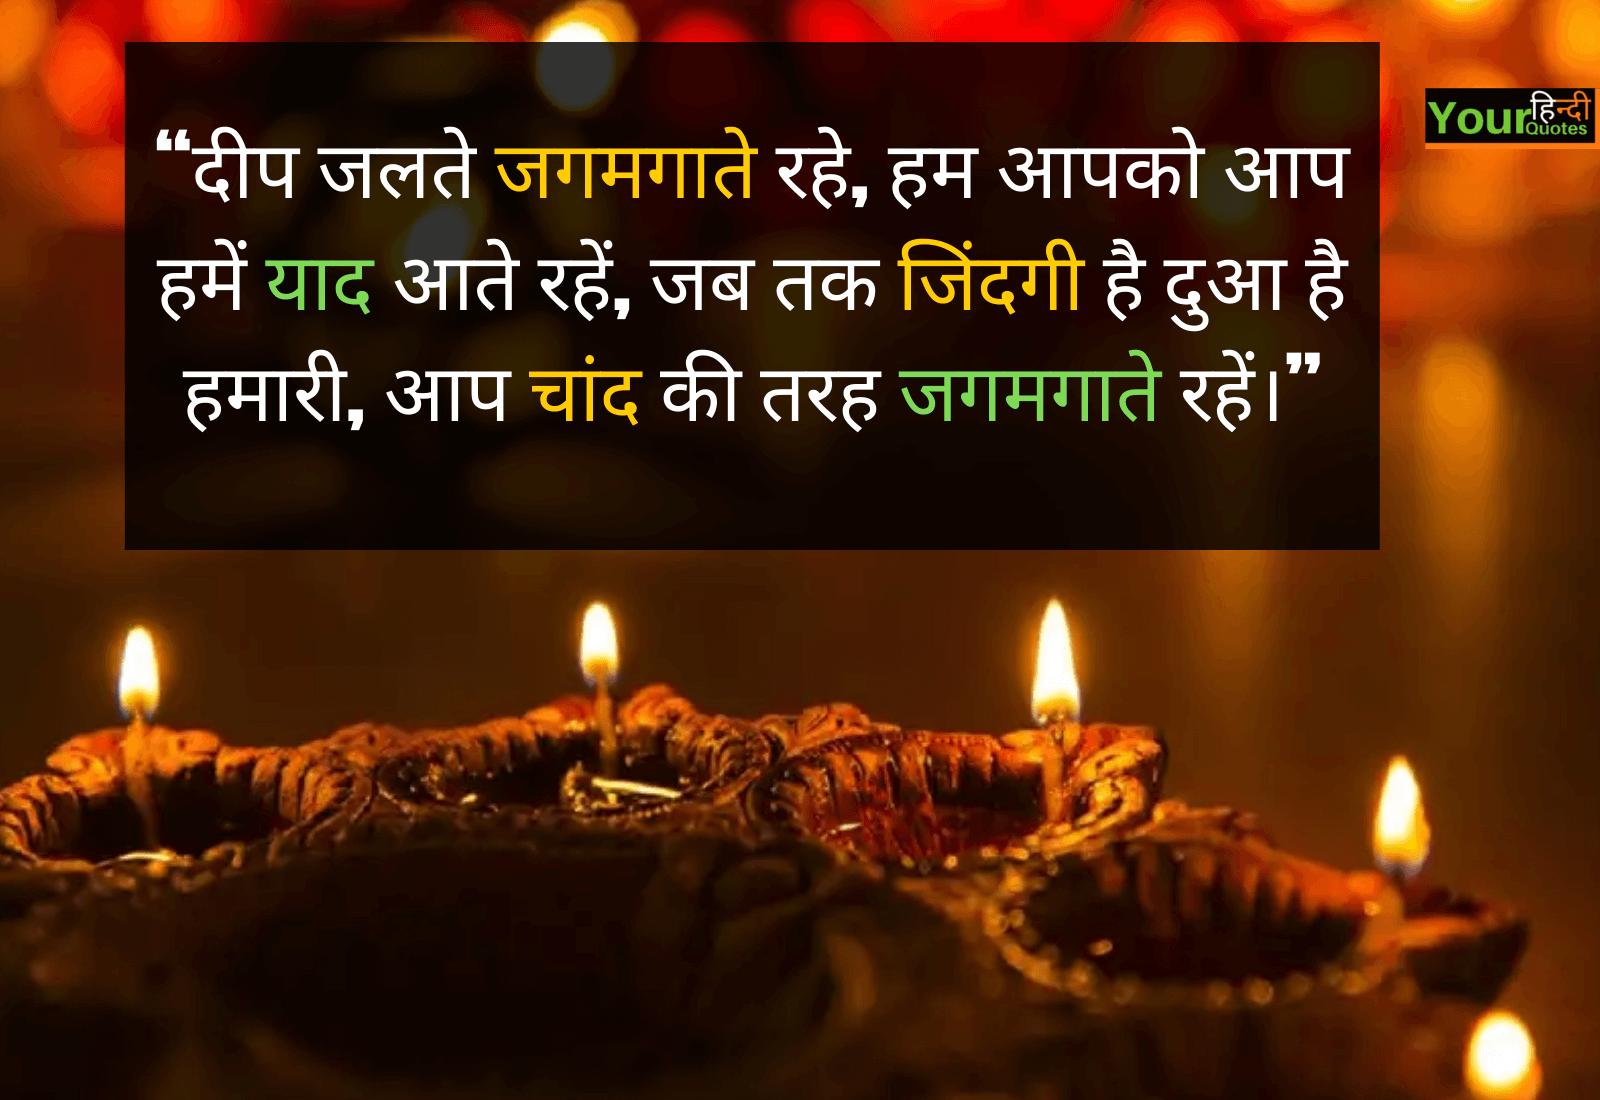 Hindi Diwali Wishes Photo